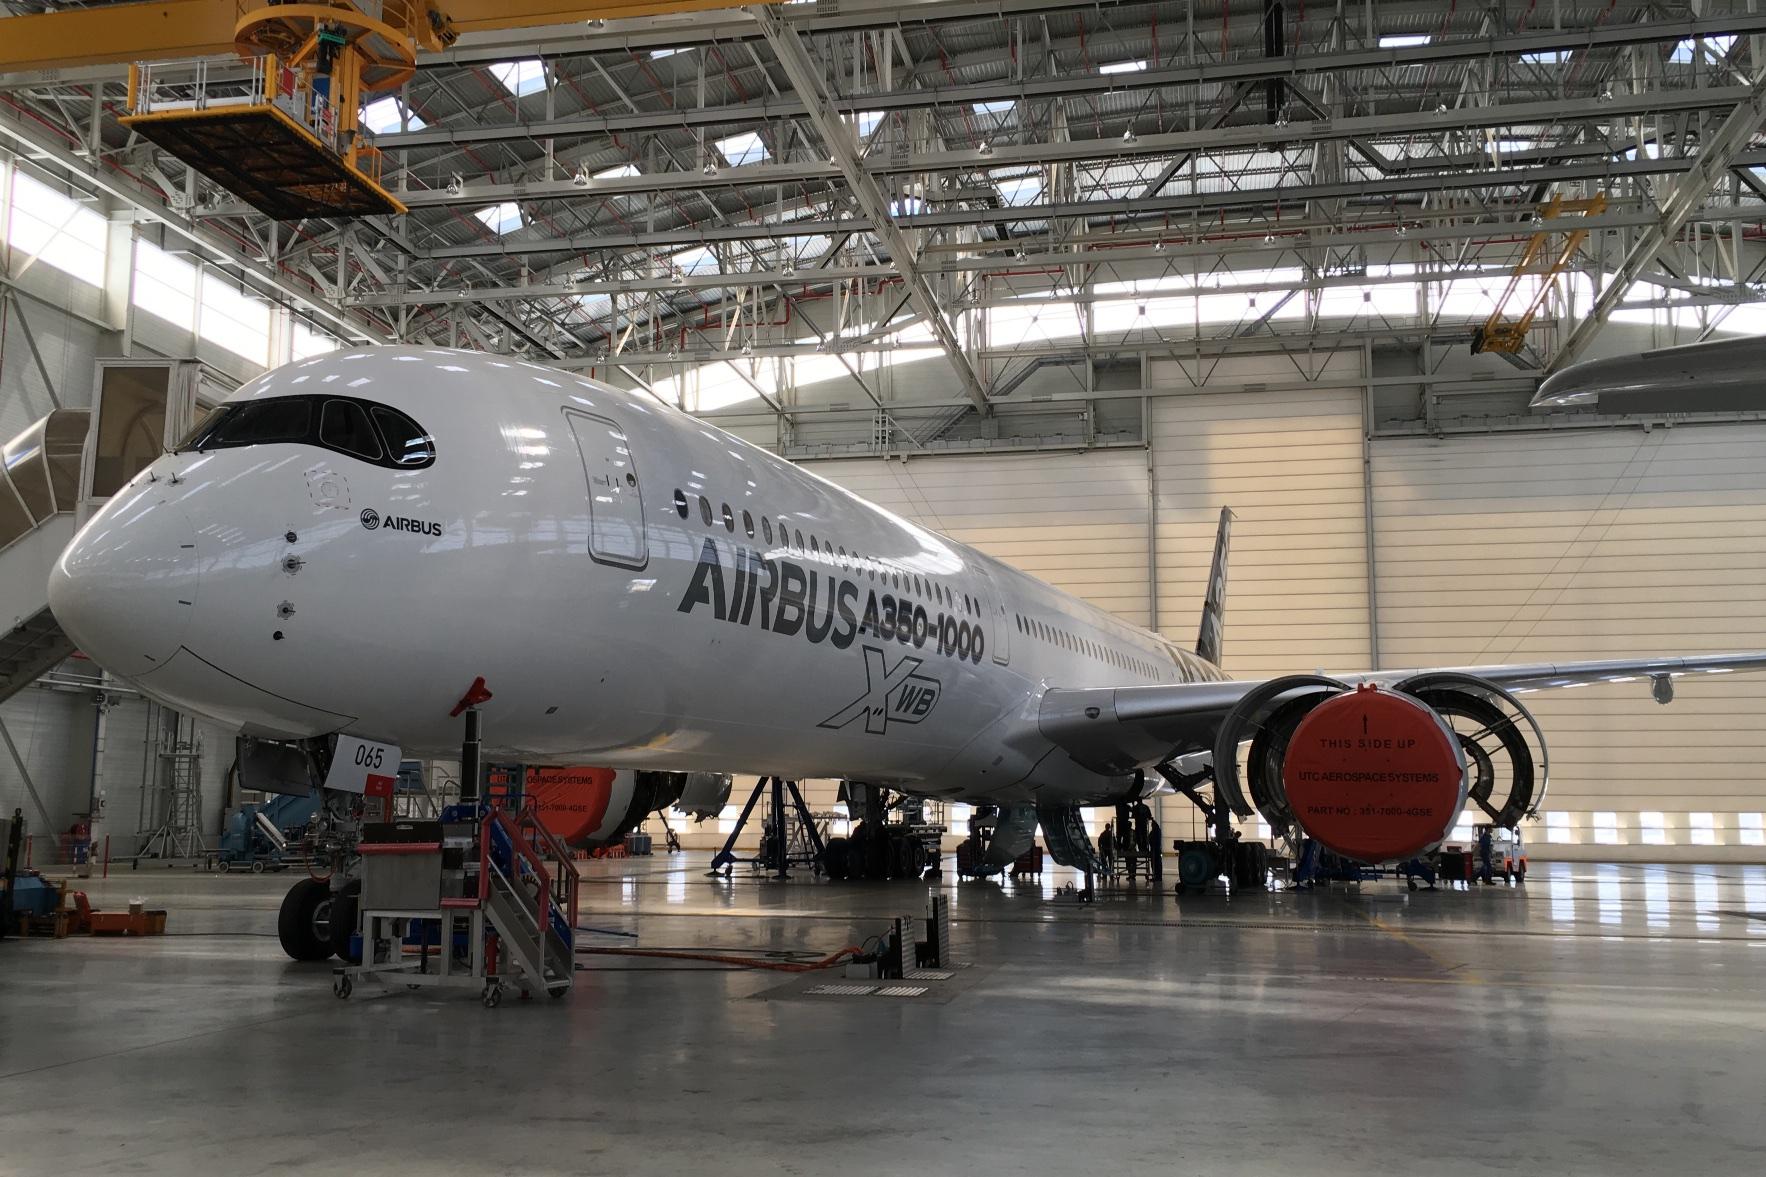 Airbus A350-1000XWB: Ein Blick ins Innere eines Testflugzeugs - Die Maschine sieht fertig aus. Hier zu sehen ist Nummer 3. (Foto: Andreas Sebayang)